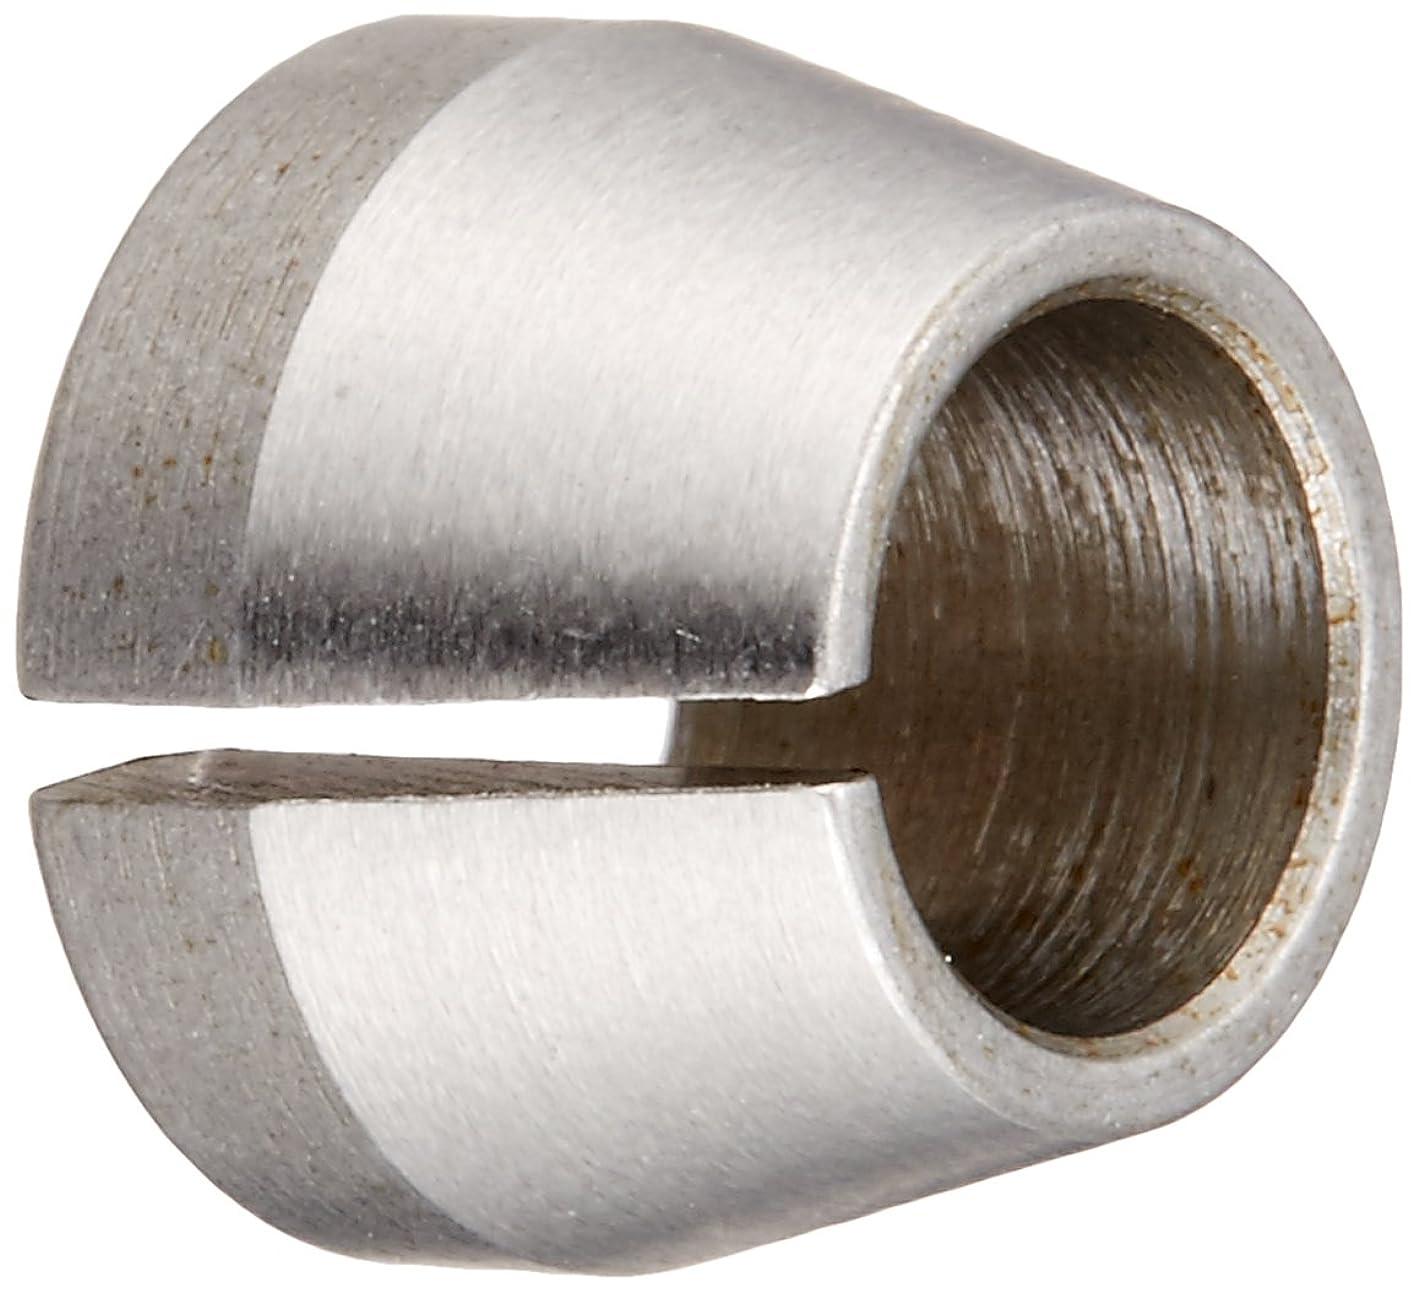 拒絶に同意するニュージーランドリョービ(RYOBI) コレットチャック 1/4インチ トリマ用 6075857